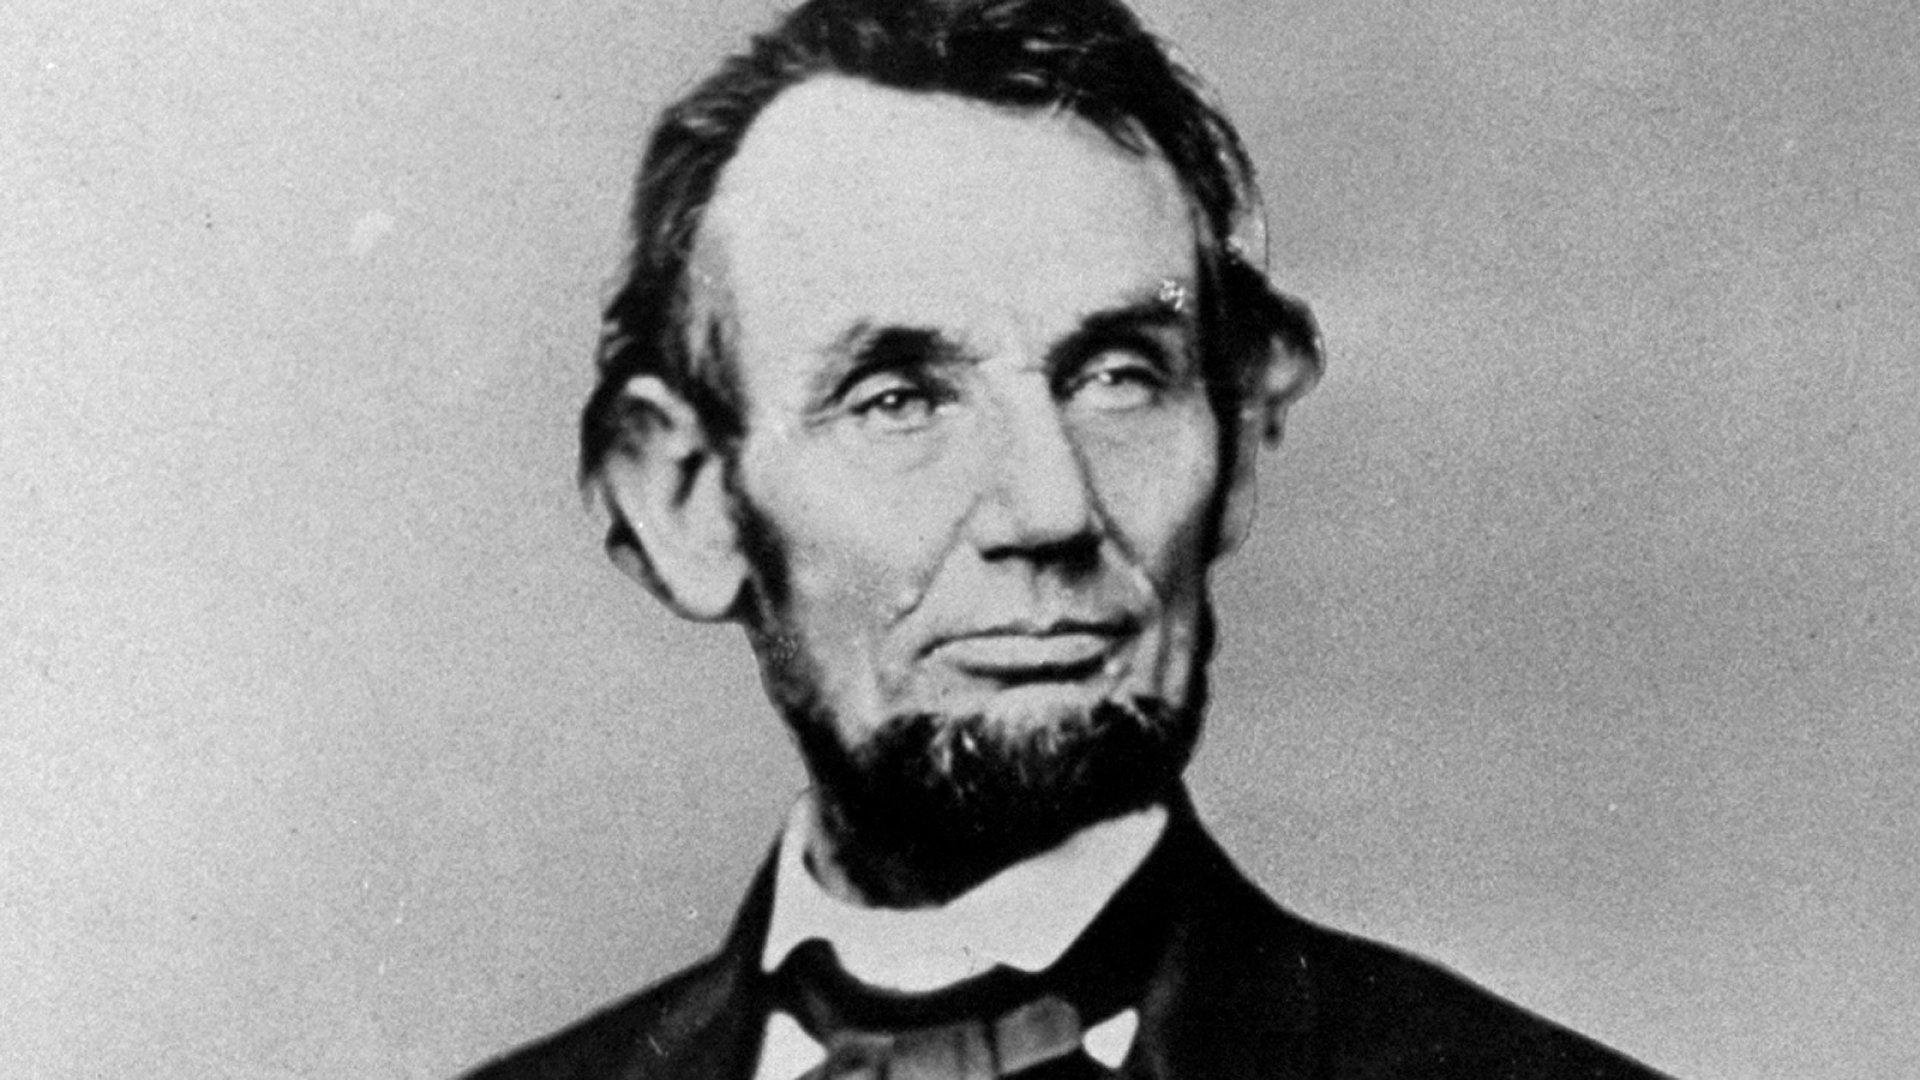 Abraham Lincoln's Brilliant Method for Handling Setbacks